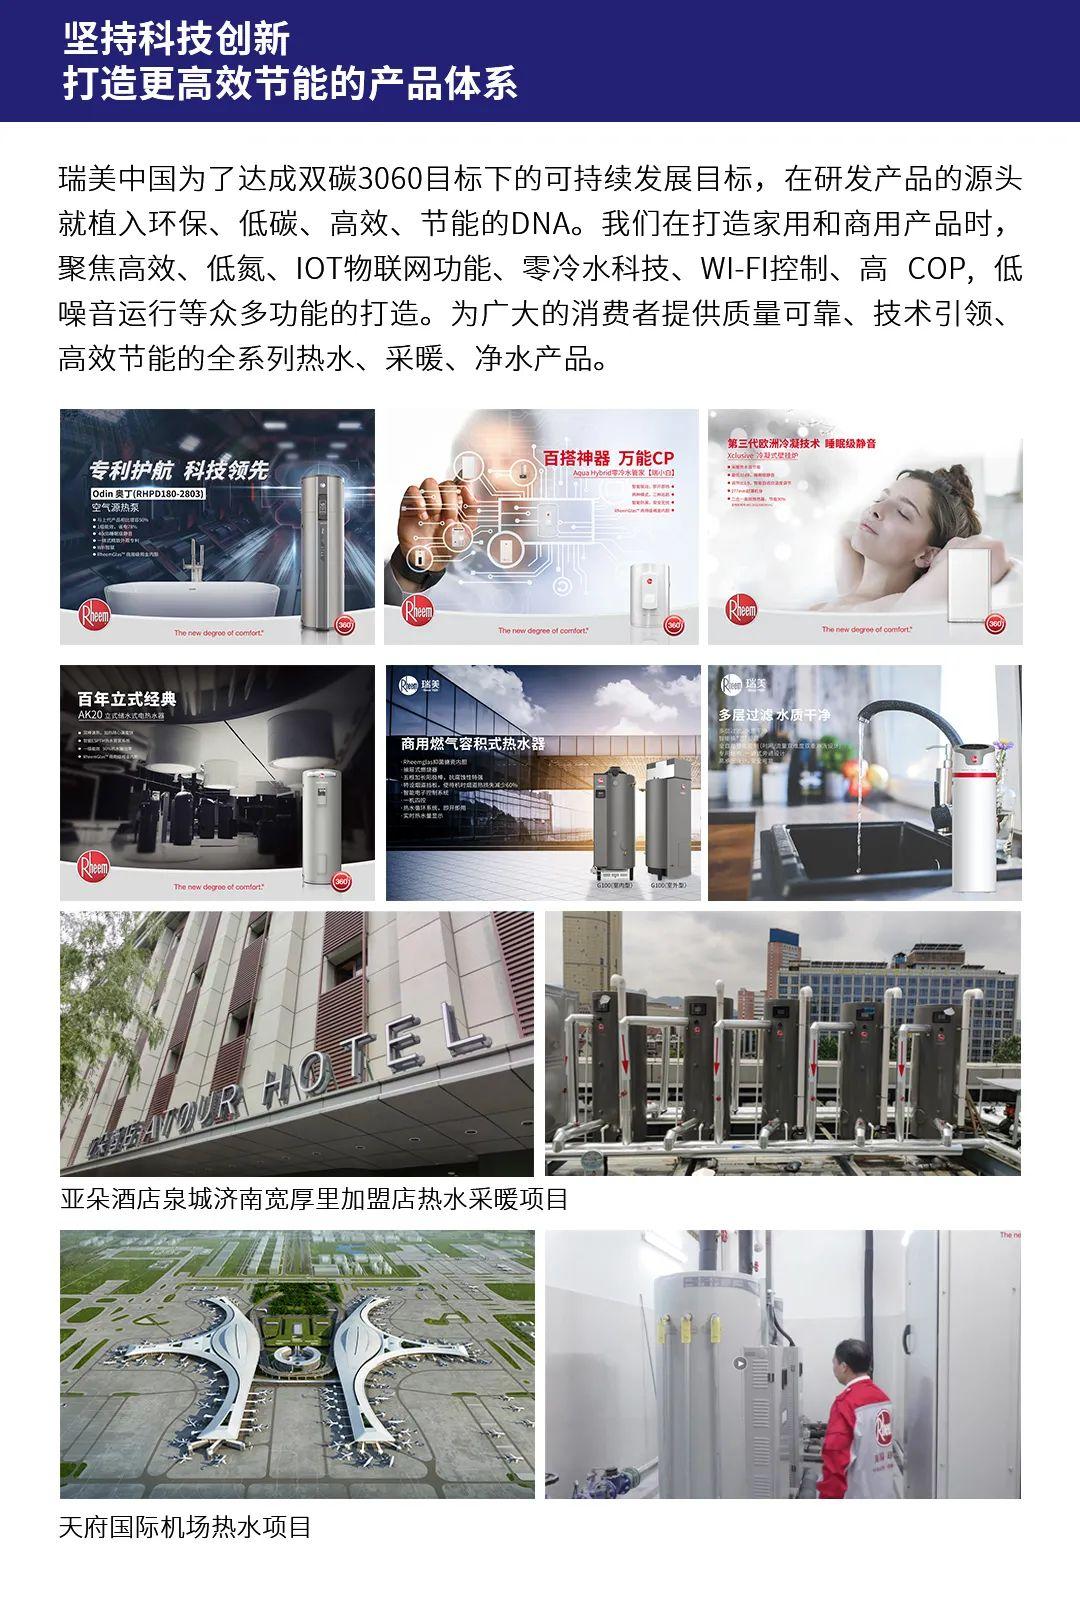 双碳背景下,中国舒适人居市场的智能化进程4